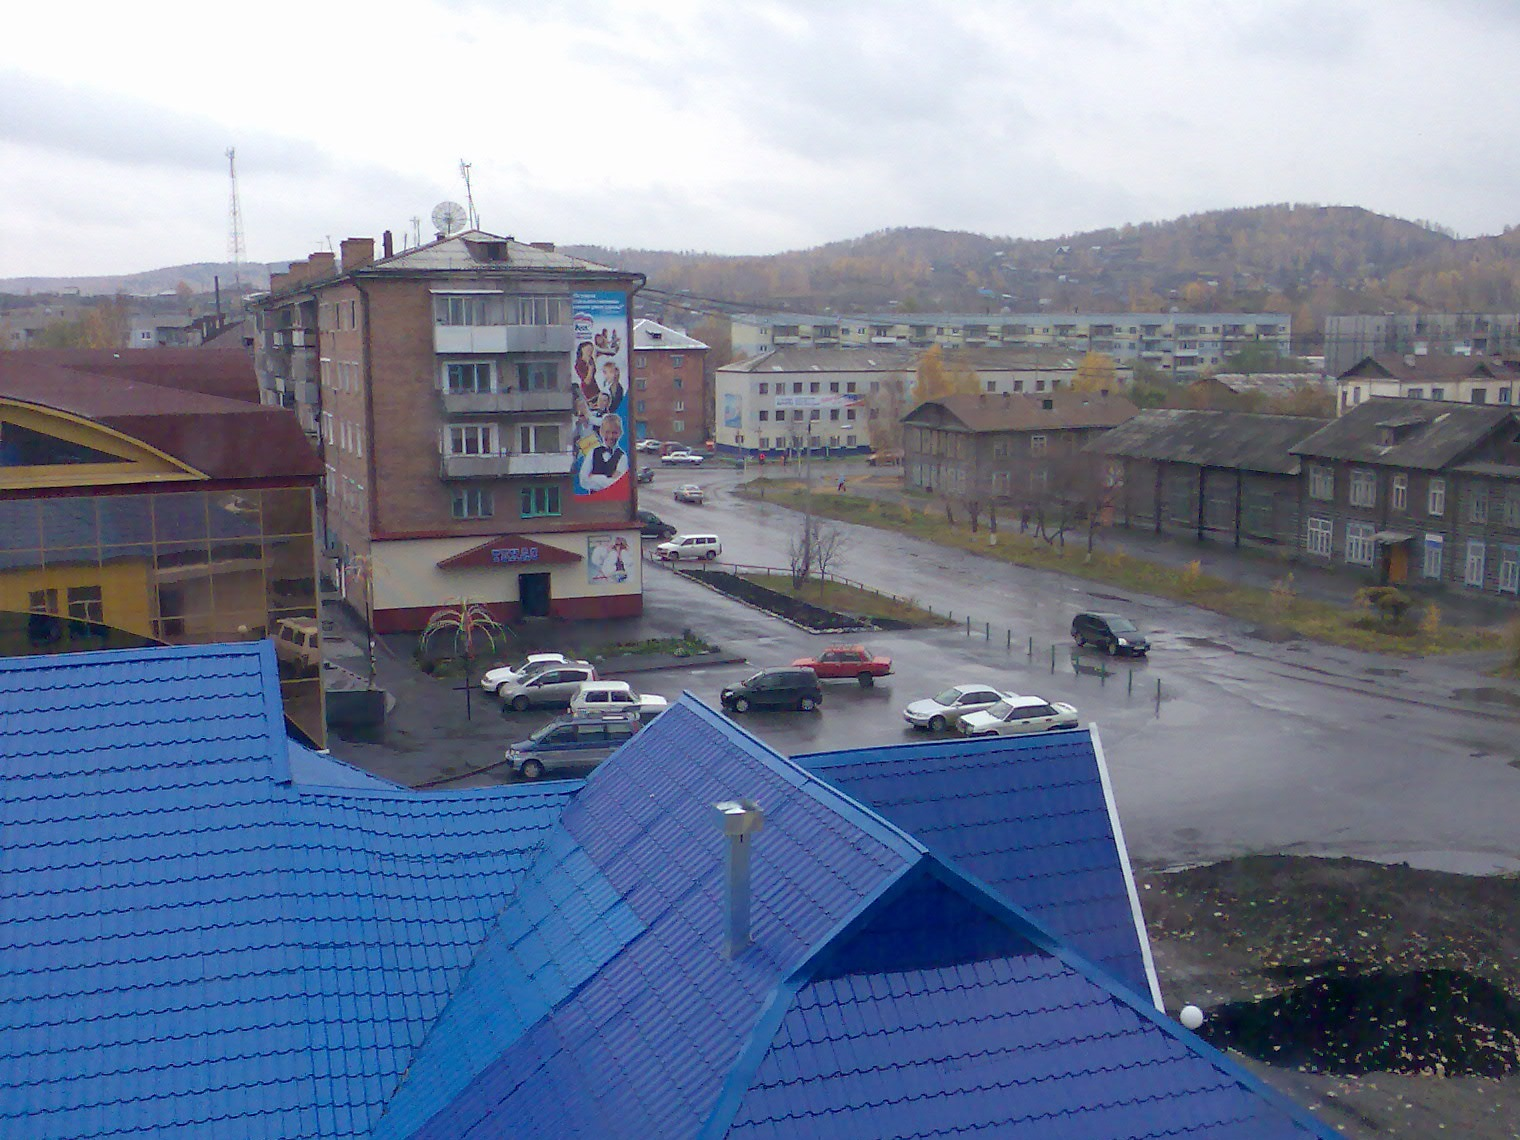 нищете, гурьевск кемеровская область фото ул ленина сохранить загар получить